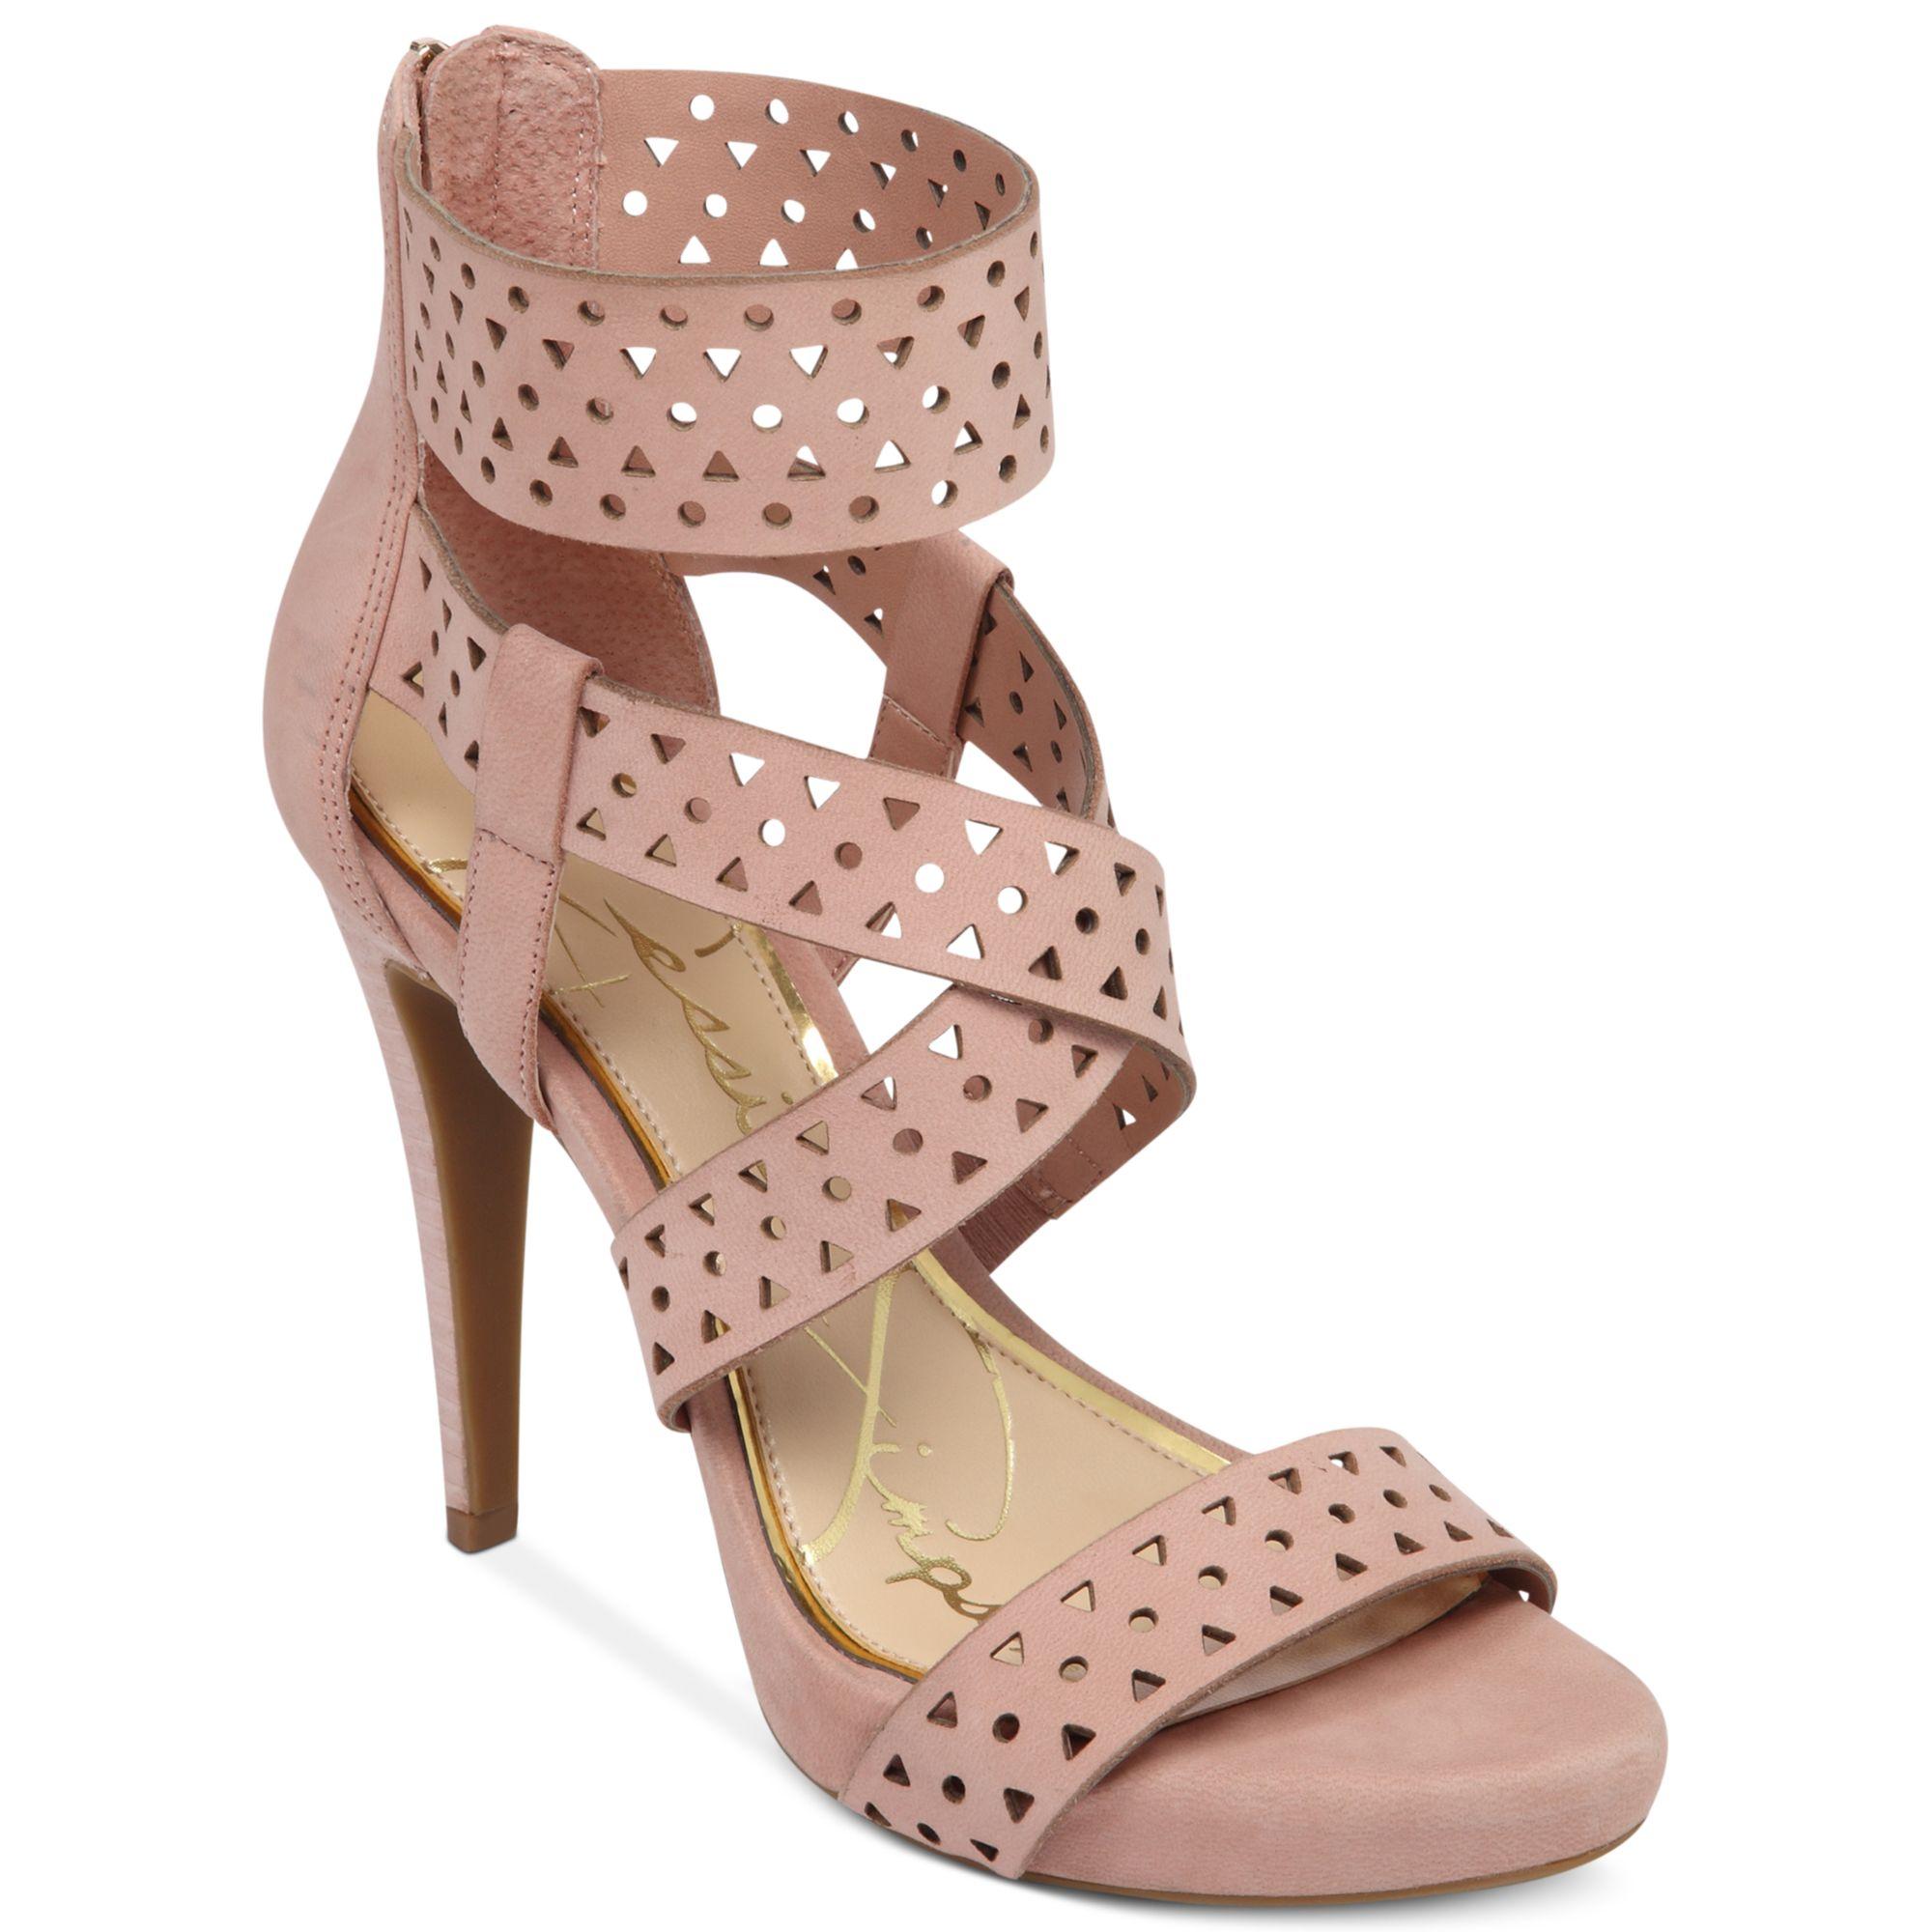 9520d89ce71 Jessica Simpson Pink Chinah Laser Cut Platform Sandals